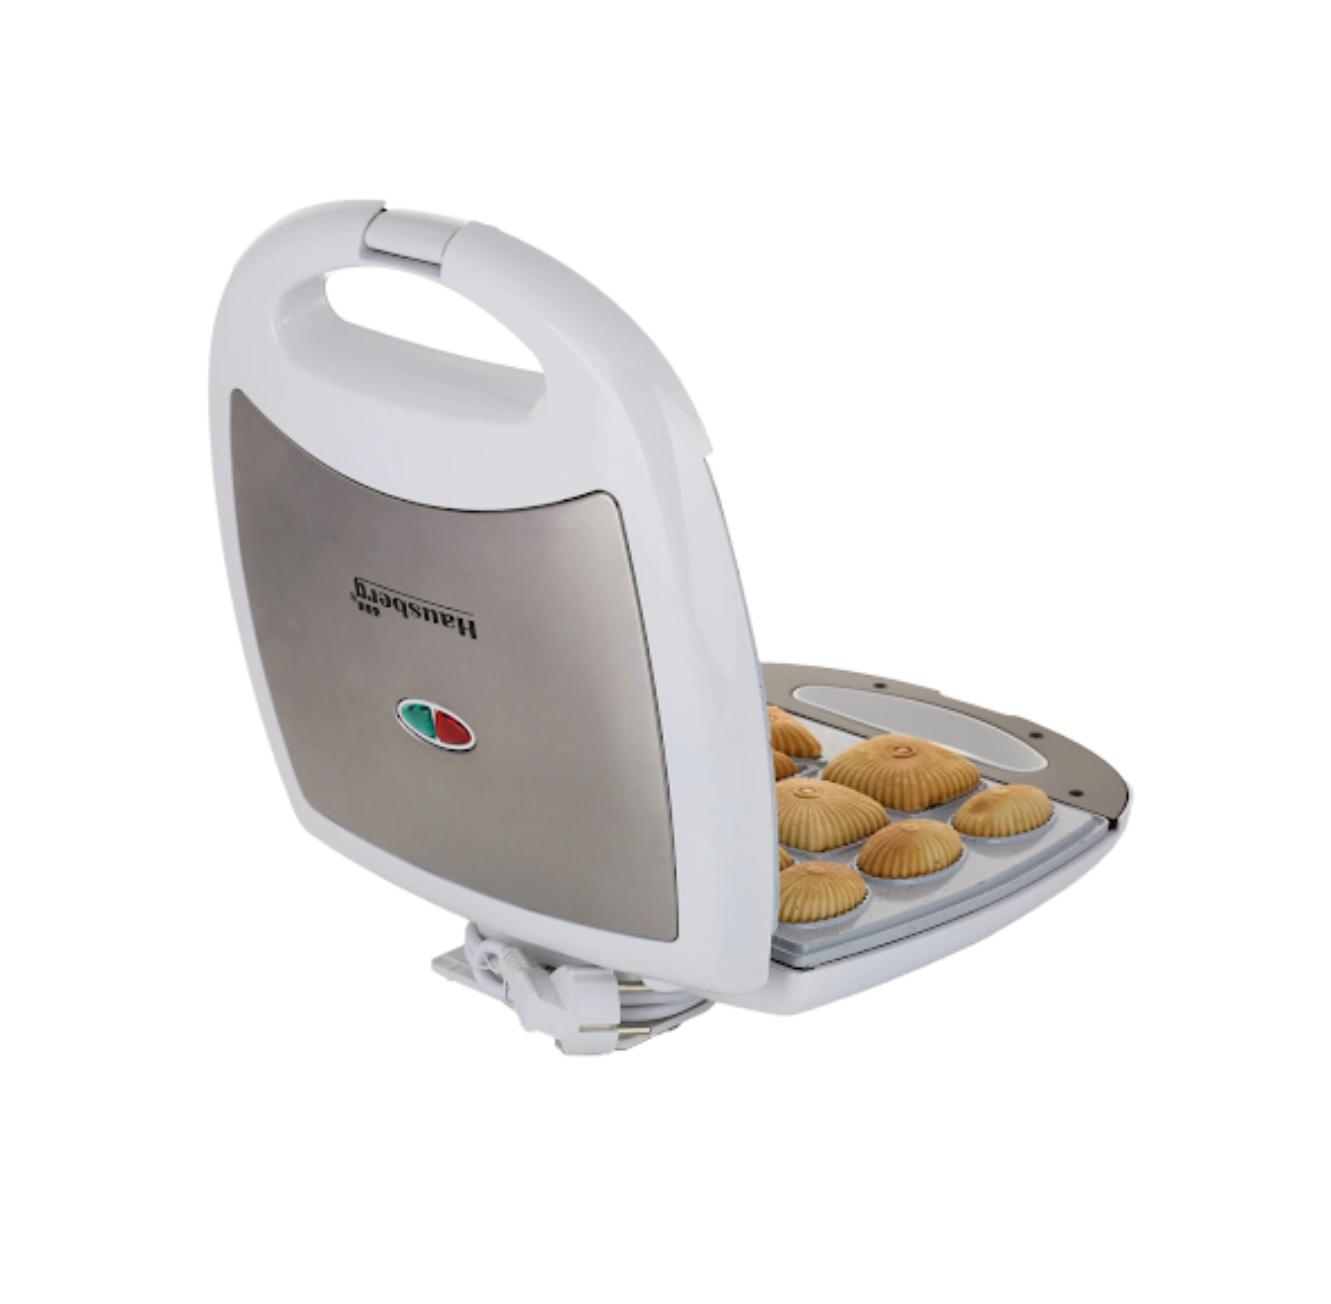 Aparat pentru fursecuri si biscuiti Hausberg HB-3563 - 1300W